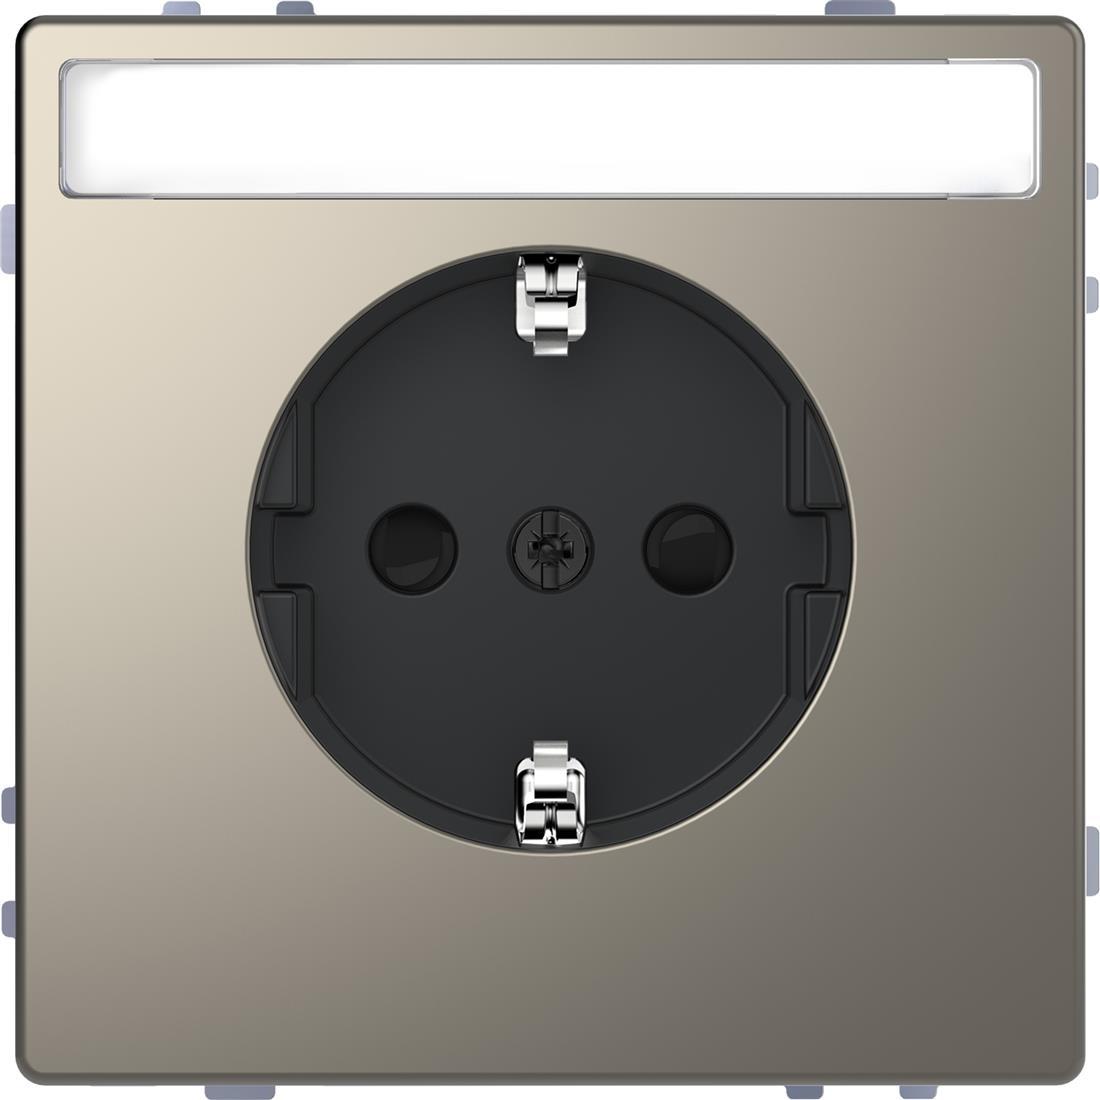 Schneider-Merten D Life wandcontactdoos met tekstvenster en kinderbeveiliging - nikkel metallic (MTN2302-6050)